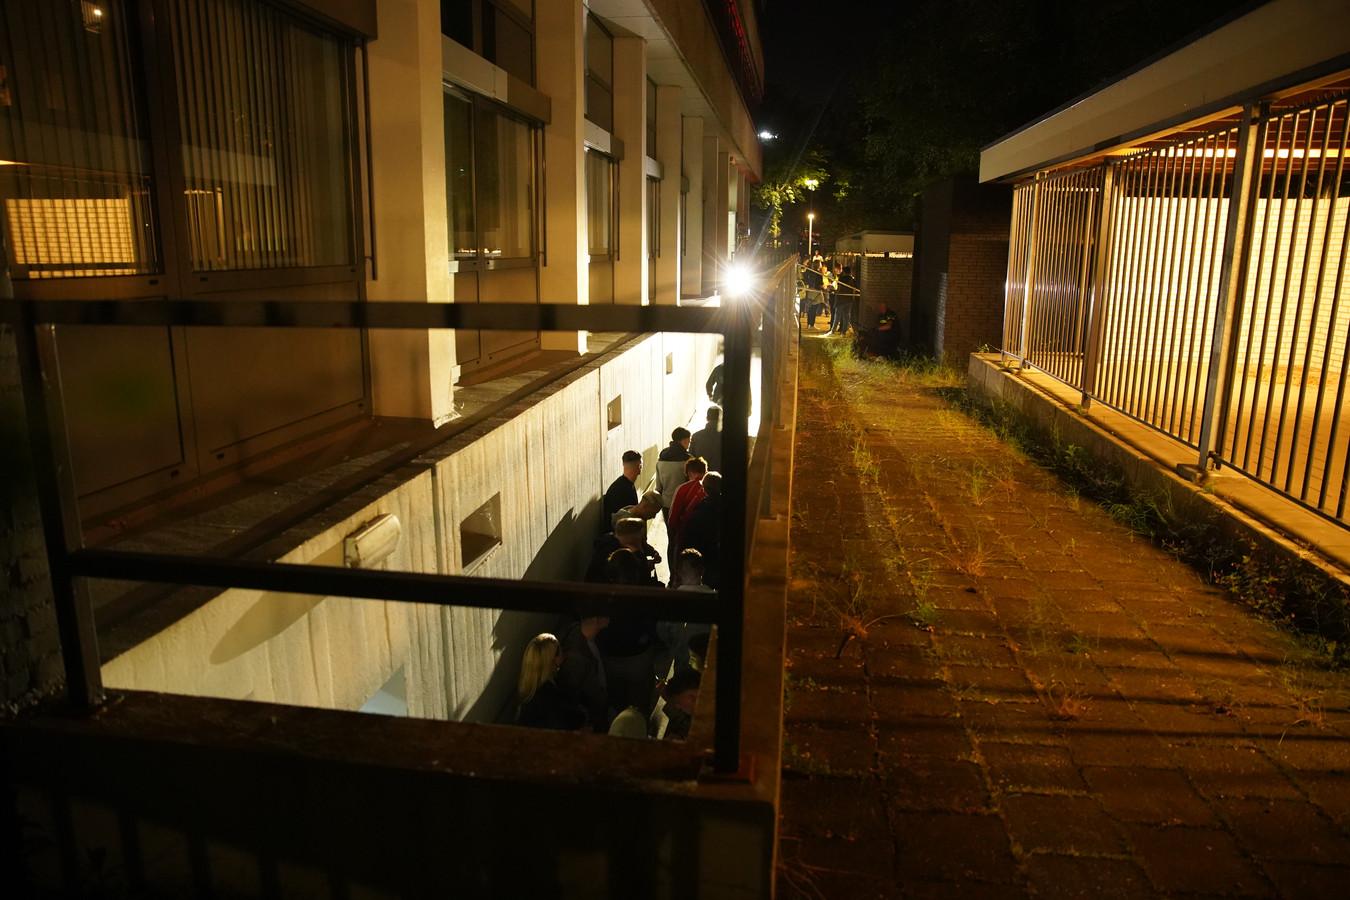 Politie grijpt in Deventer in bij een illegaal feest in een kelder van een kantoorpand aan de Verzetslaan. Honderden jongeren worden op de bon geslingerd in de sluis die het pand uitleidt.